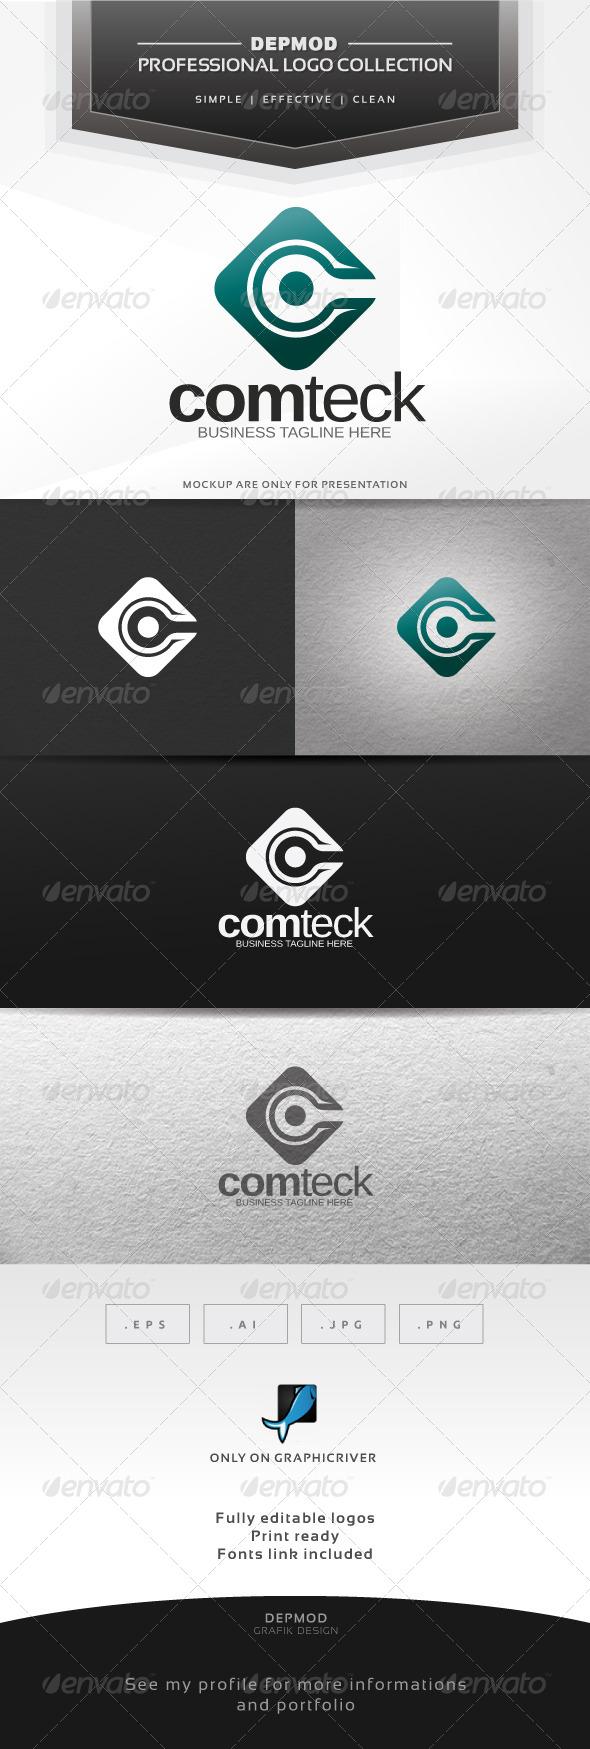 GraphicRiver Comteck Logo 6317081